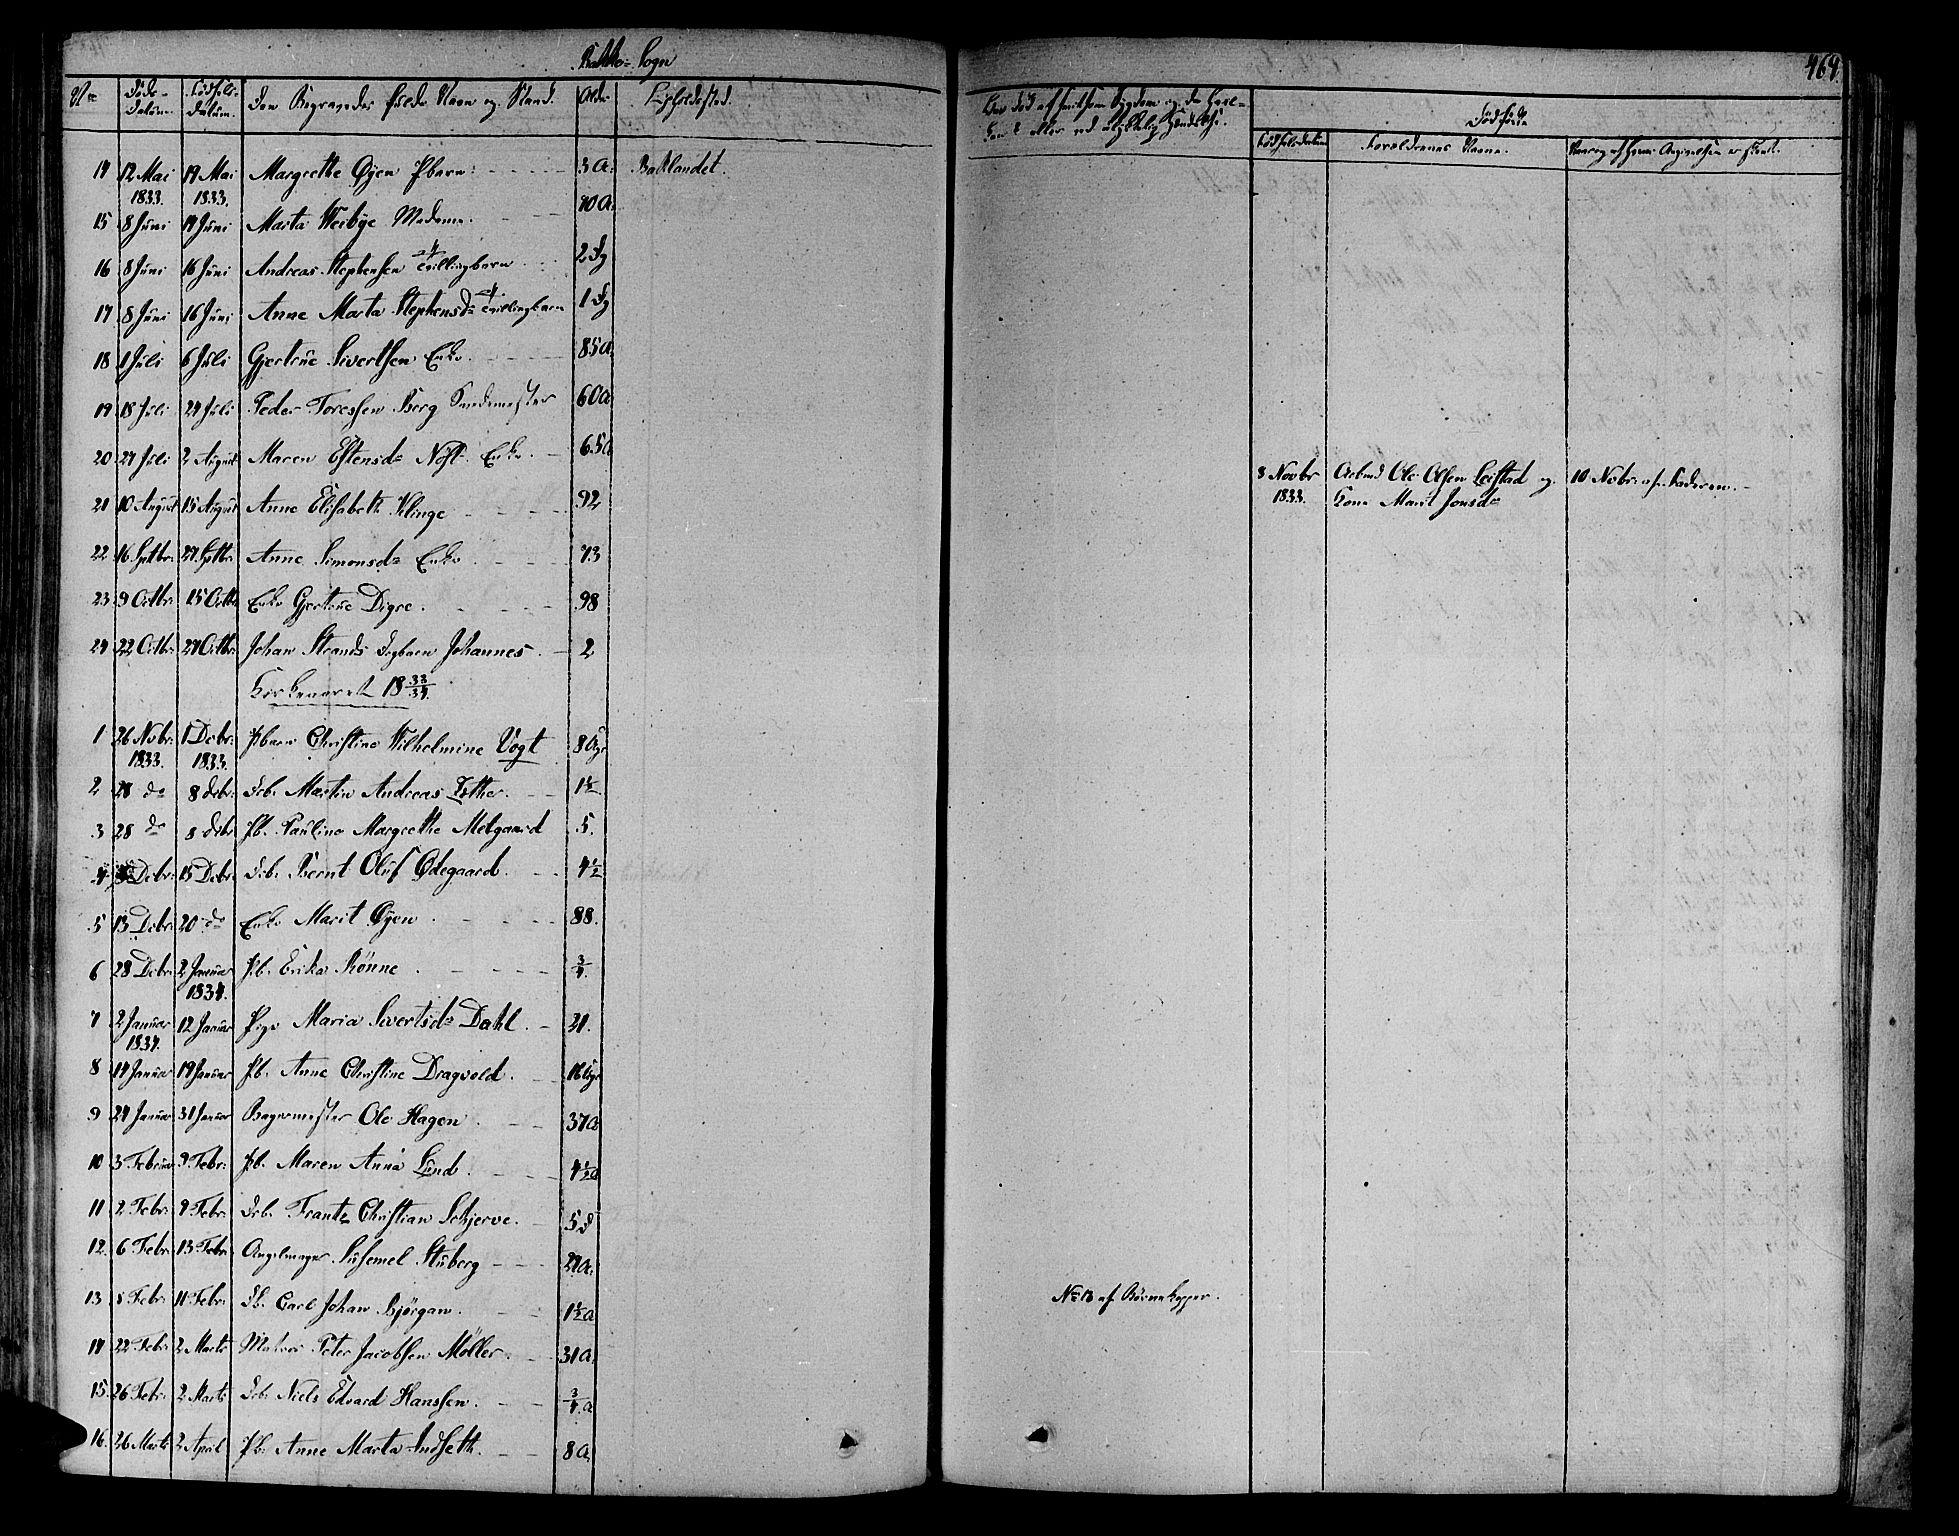 SAT, Ministerialprotokoller, klokkerbøker og fødselsregistre - Sør-Trøndelag, 606/L0287: Ministerialbok nr. 606A04 /2, 1826-1840, s. 469